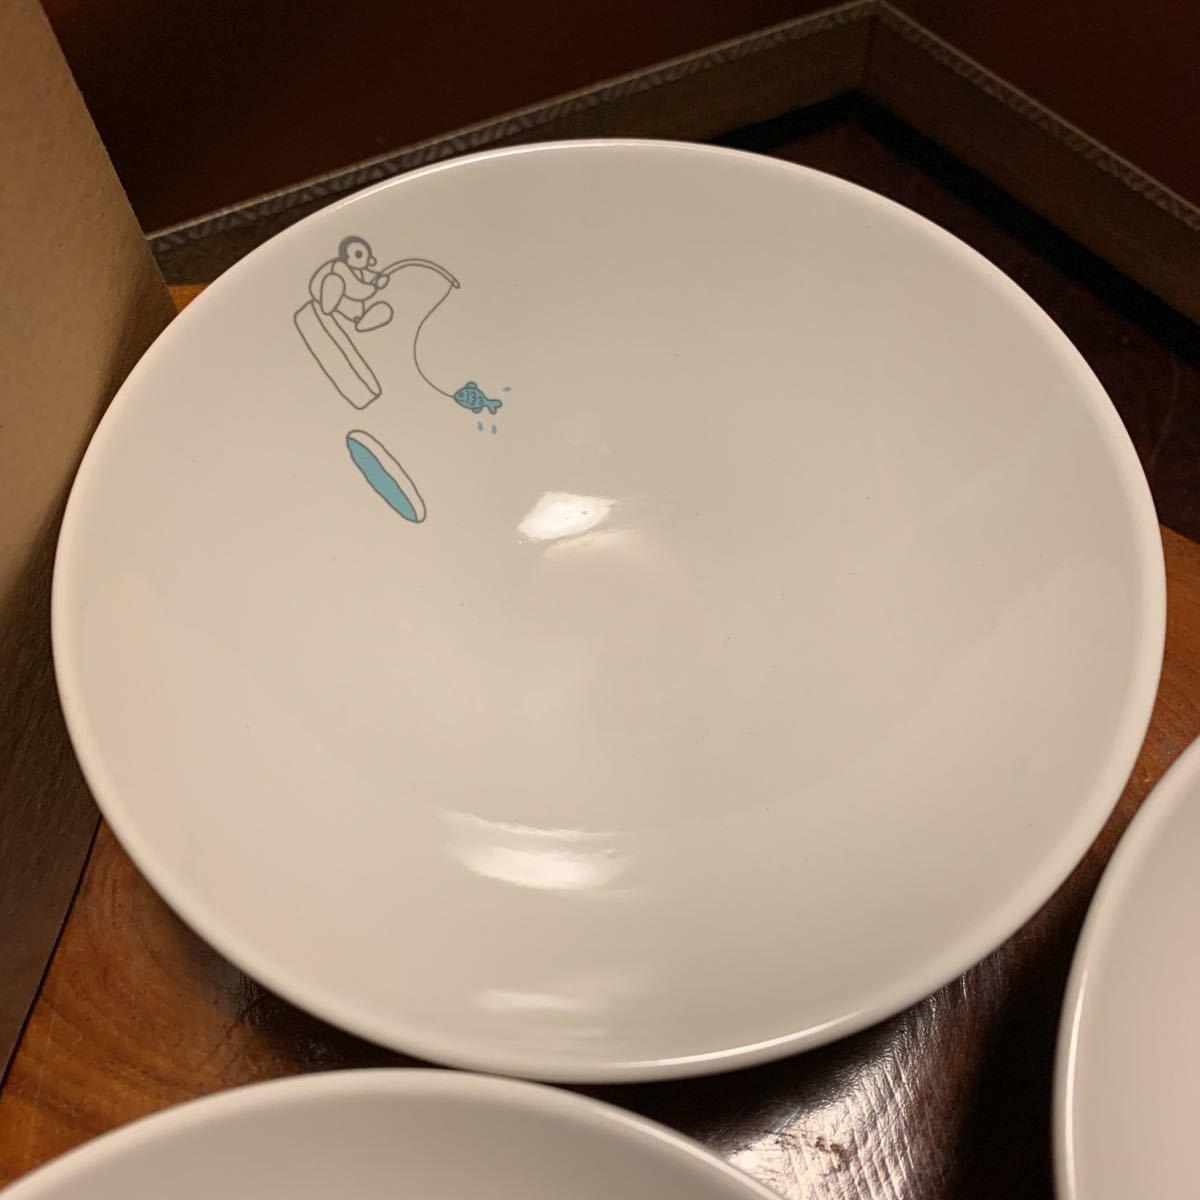 ミスタードーナツ ドンブリ レンゲ 食器 まとめて ピングー 等 pingu ミスド_画像8